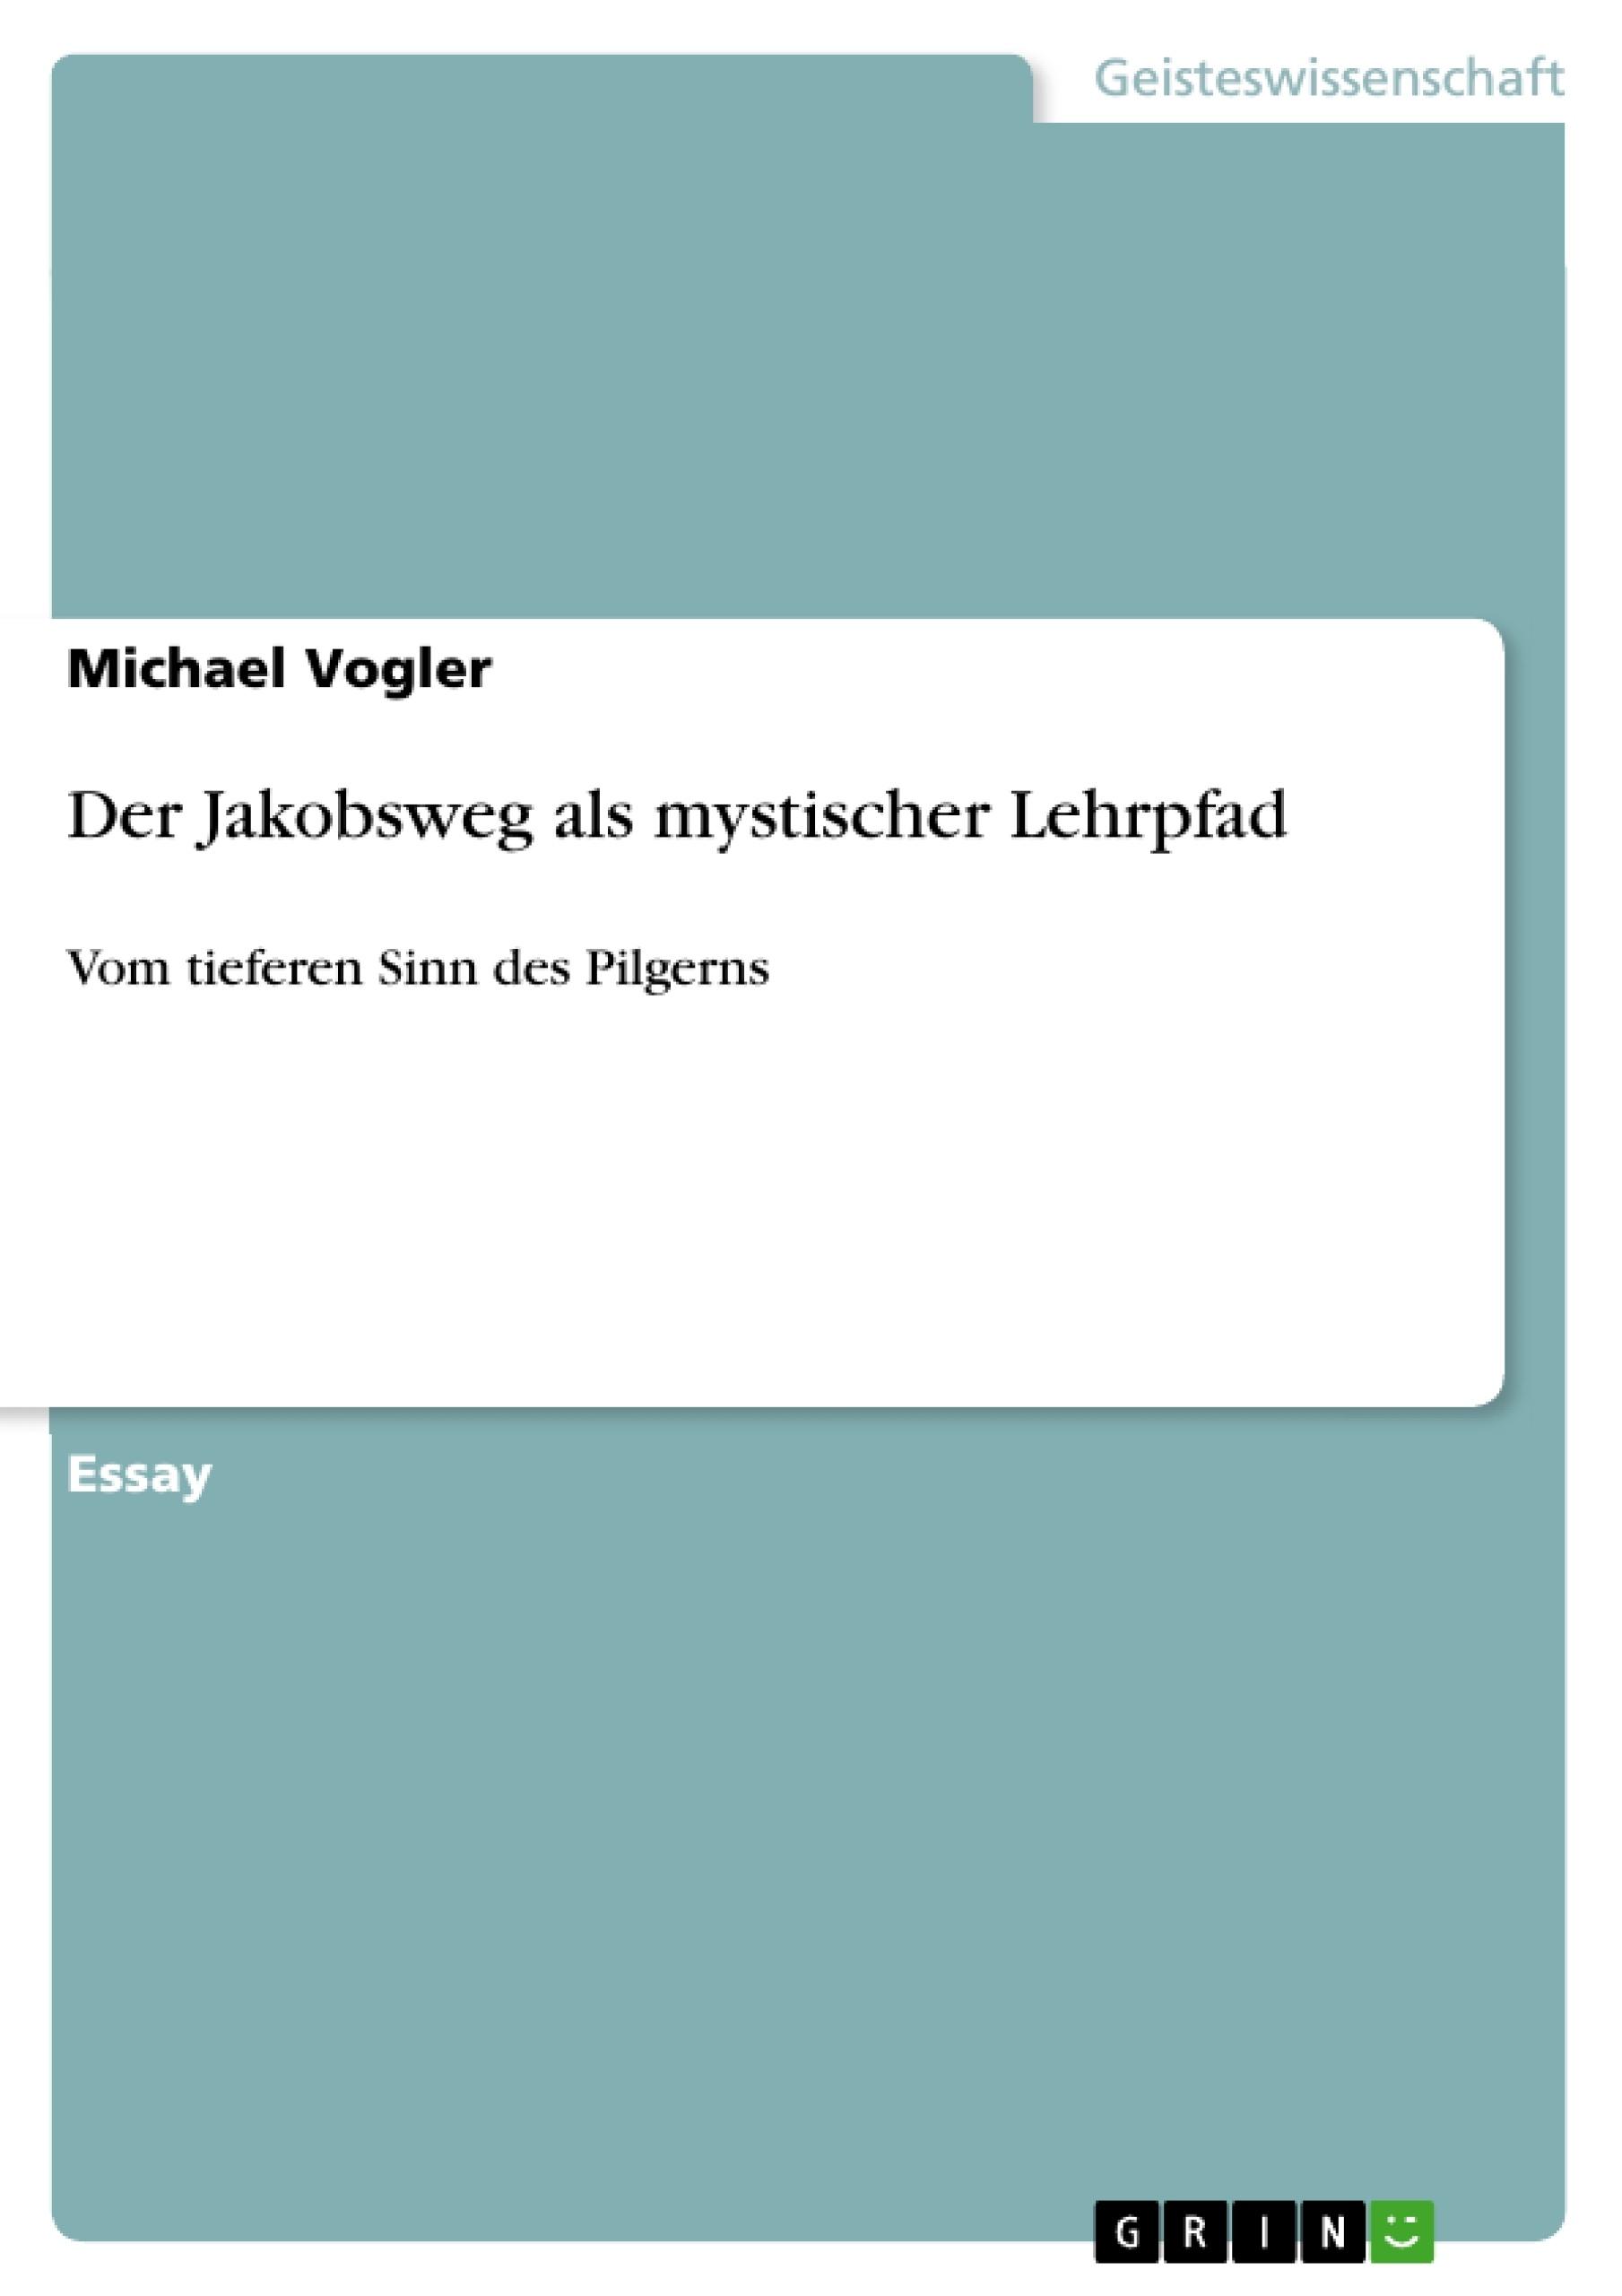 Titel: Der Jakobsweg als mystischer Lehrpfad